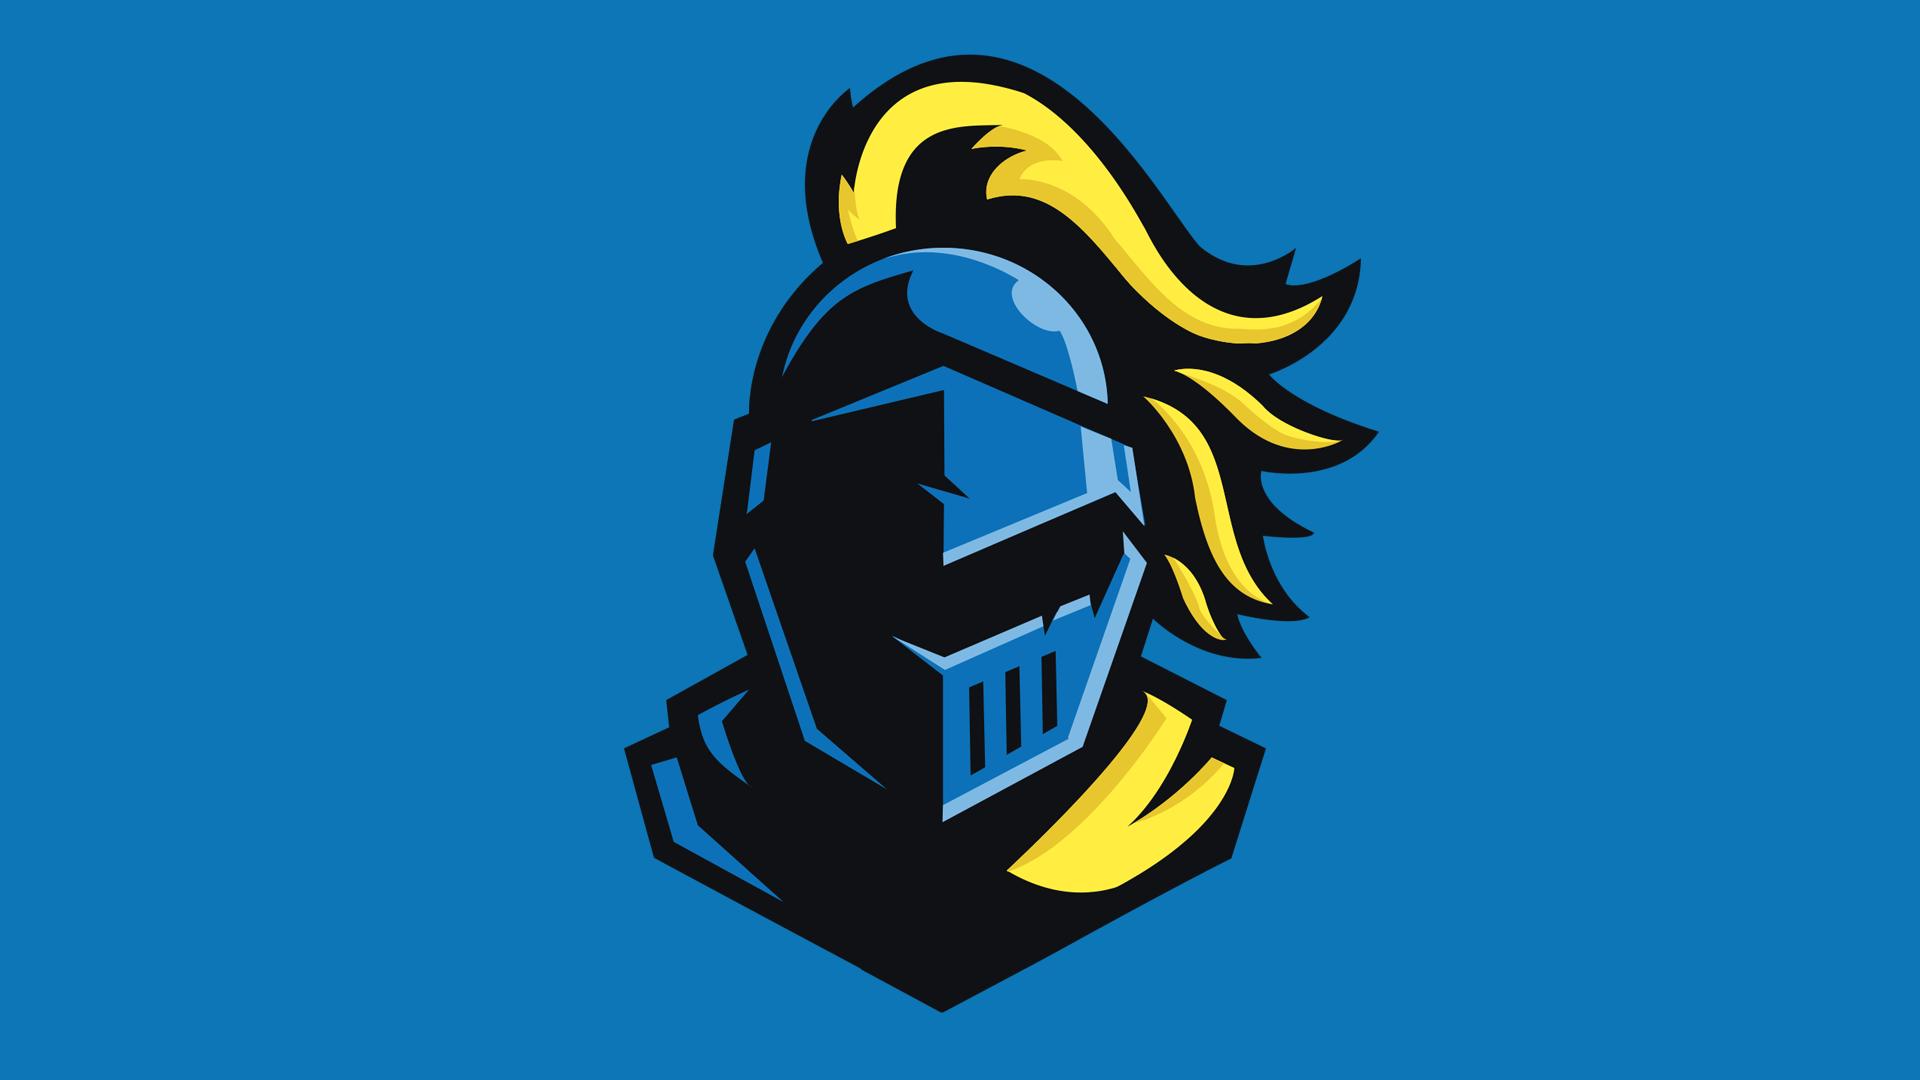 Blue knight mascot logo by VulcansHyper.